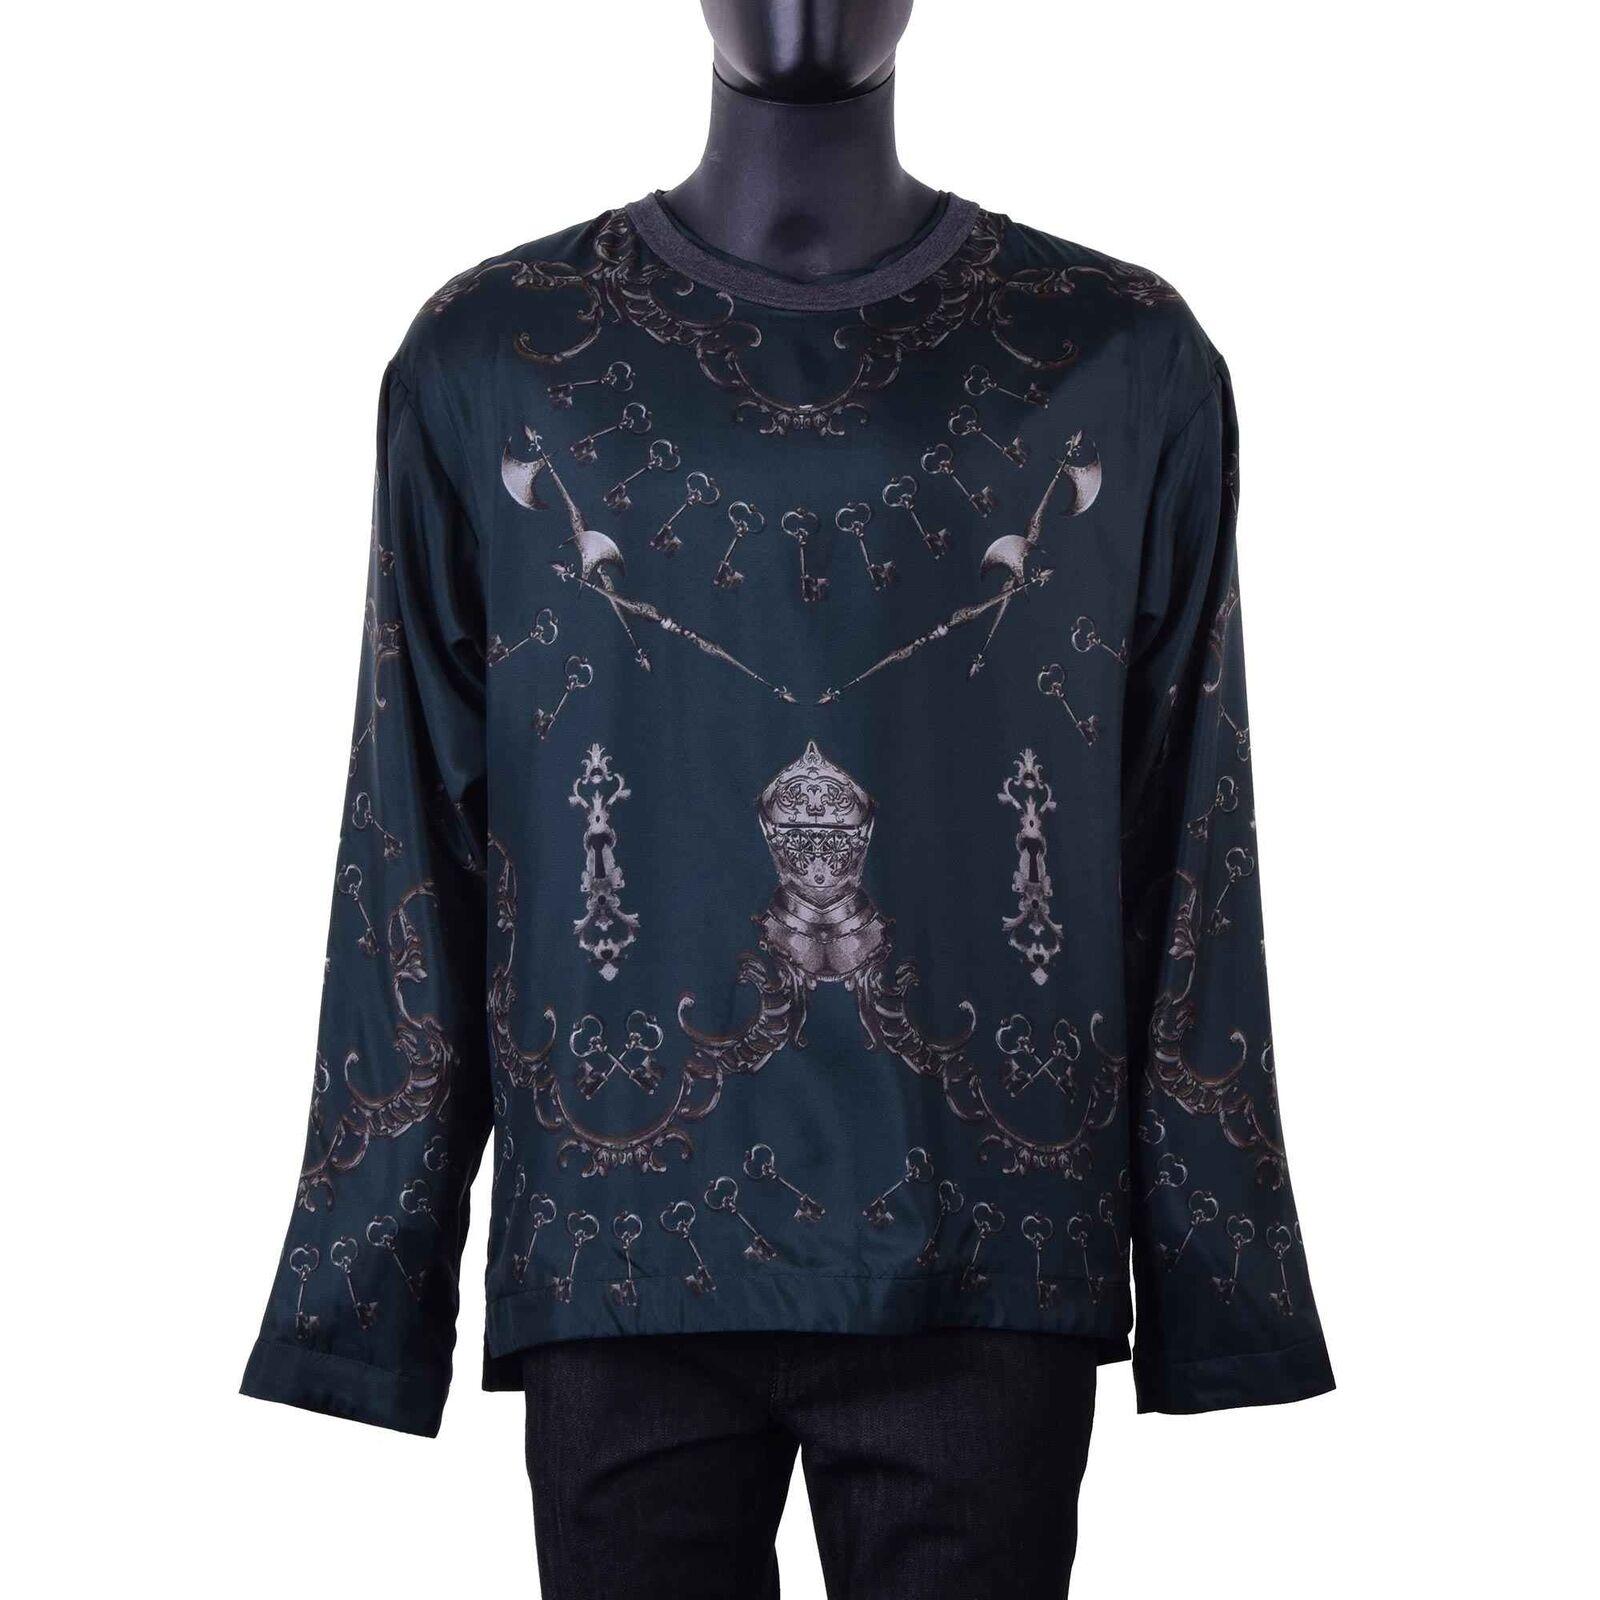 DOLCE & GABBANA RUNWAY Sweater Longsleeve mit Waffen Print Seide Grün 06071